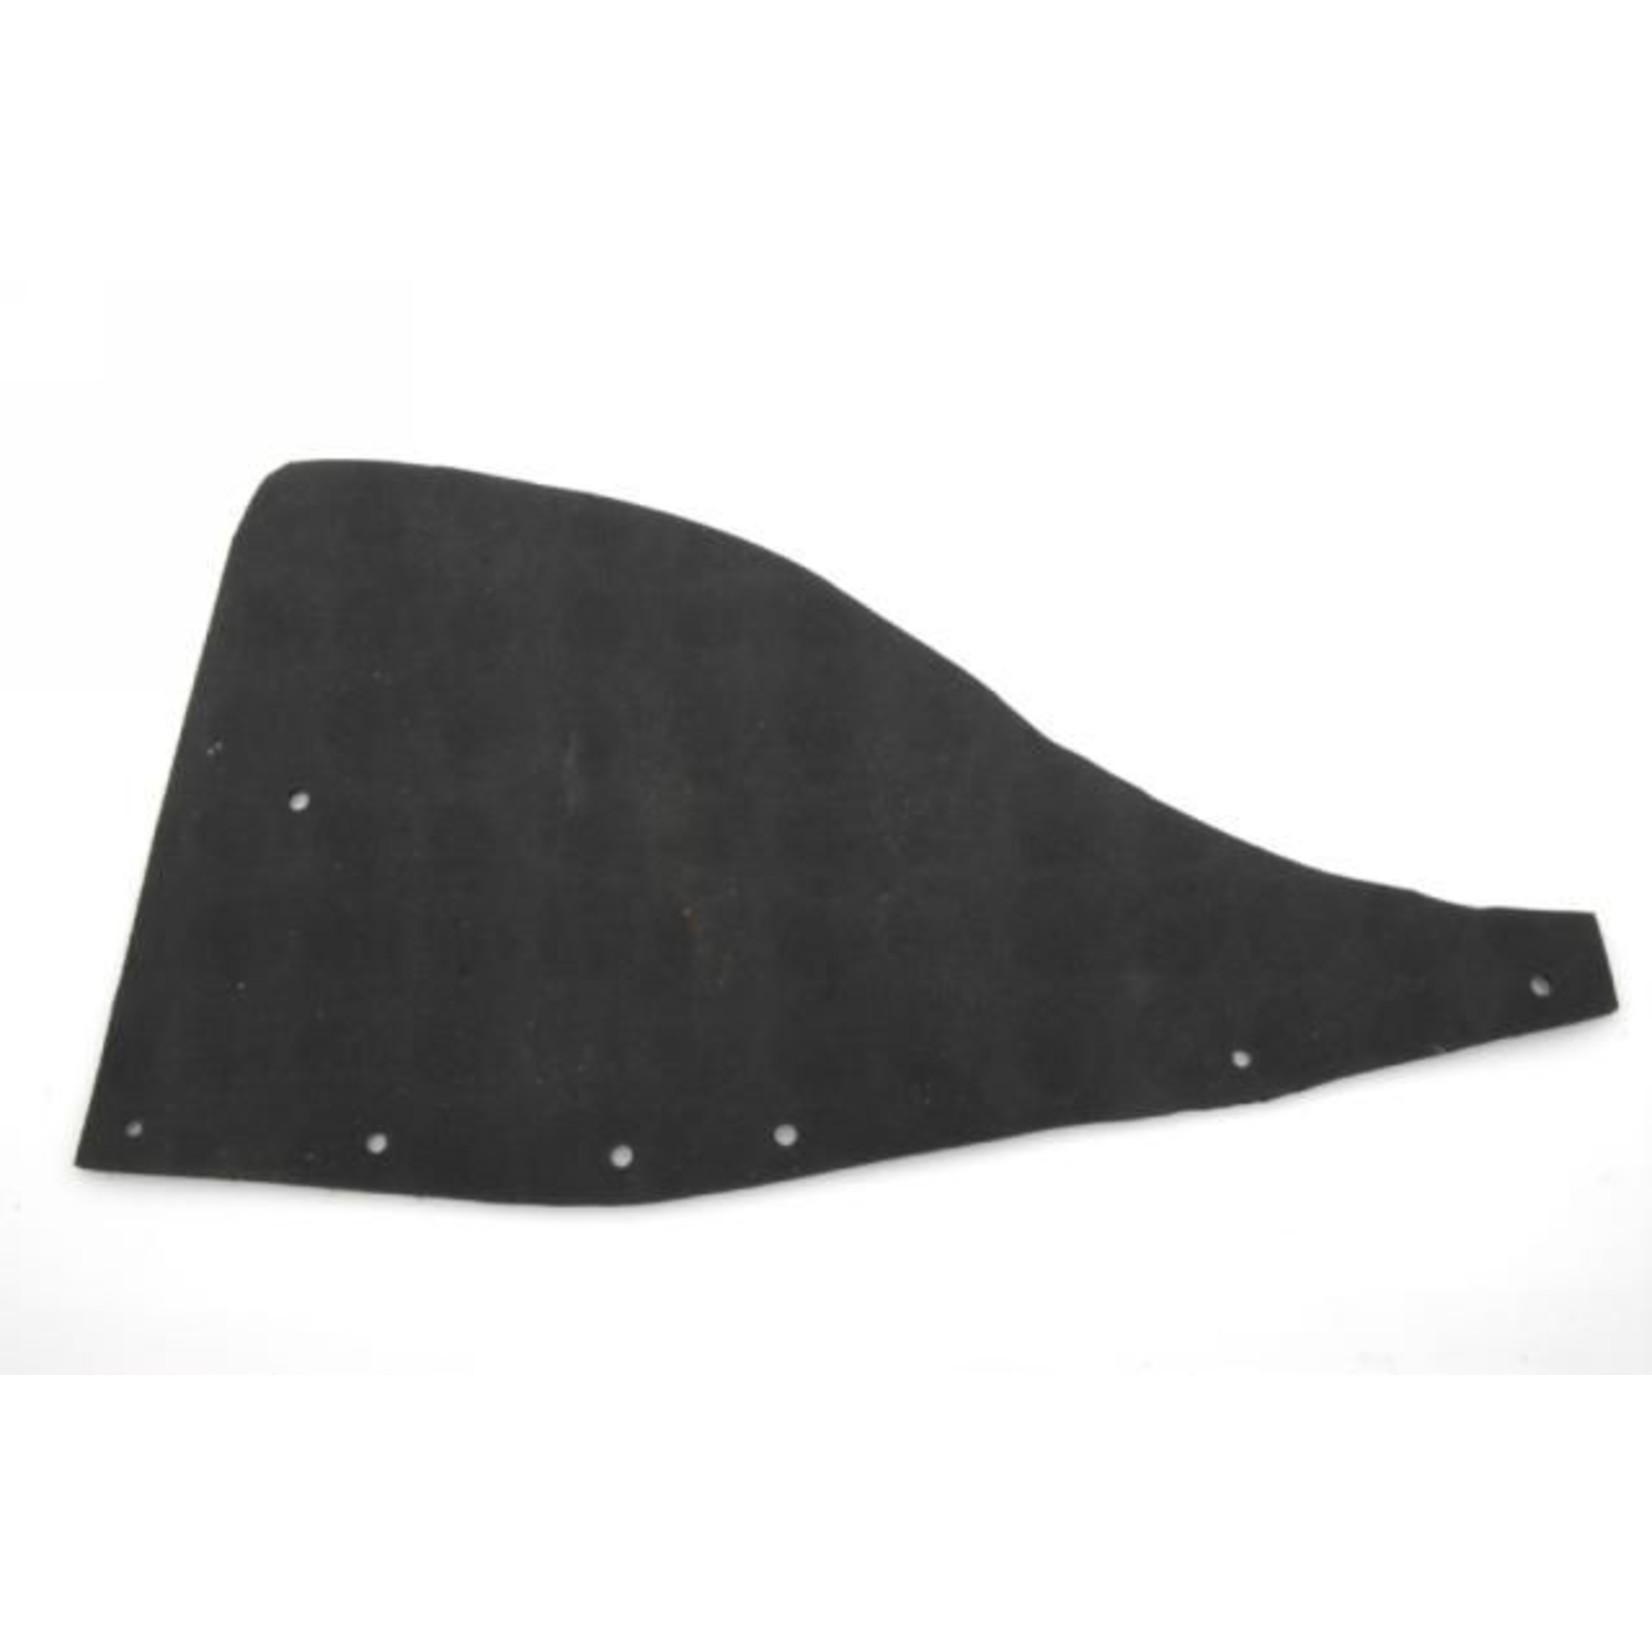 Spatlap voor achterwiel -65 Nr Org: D85111